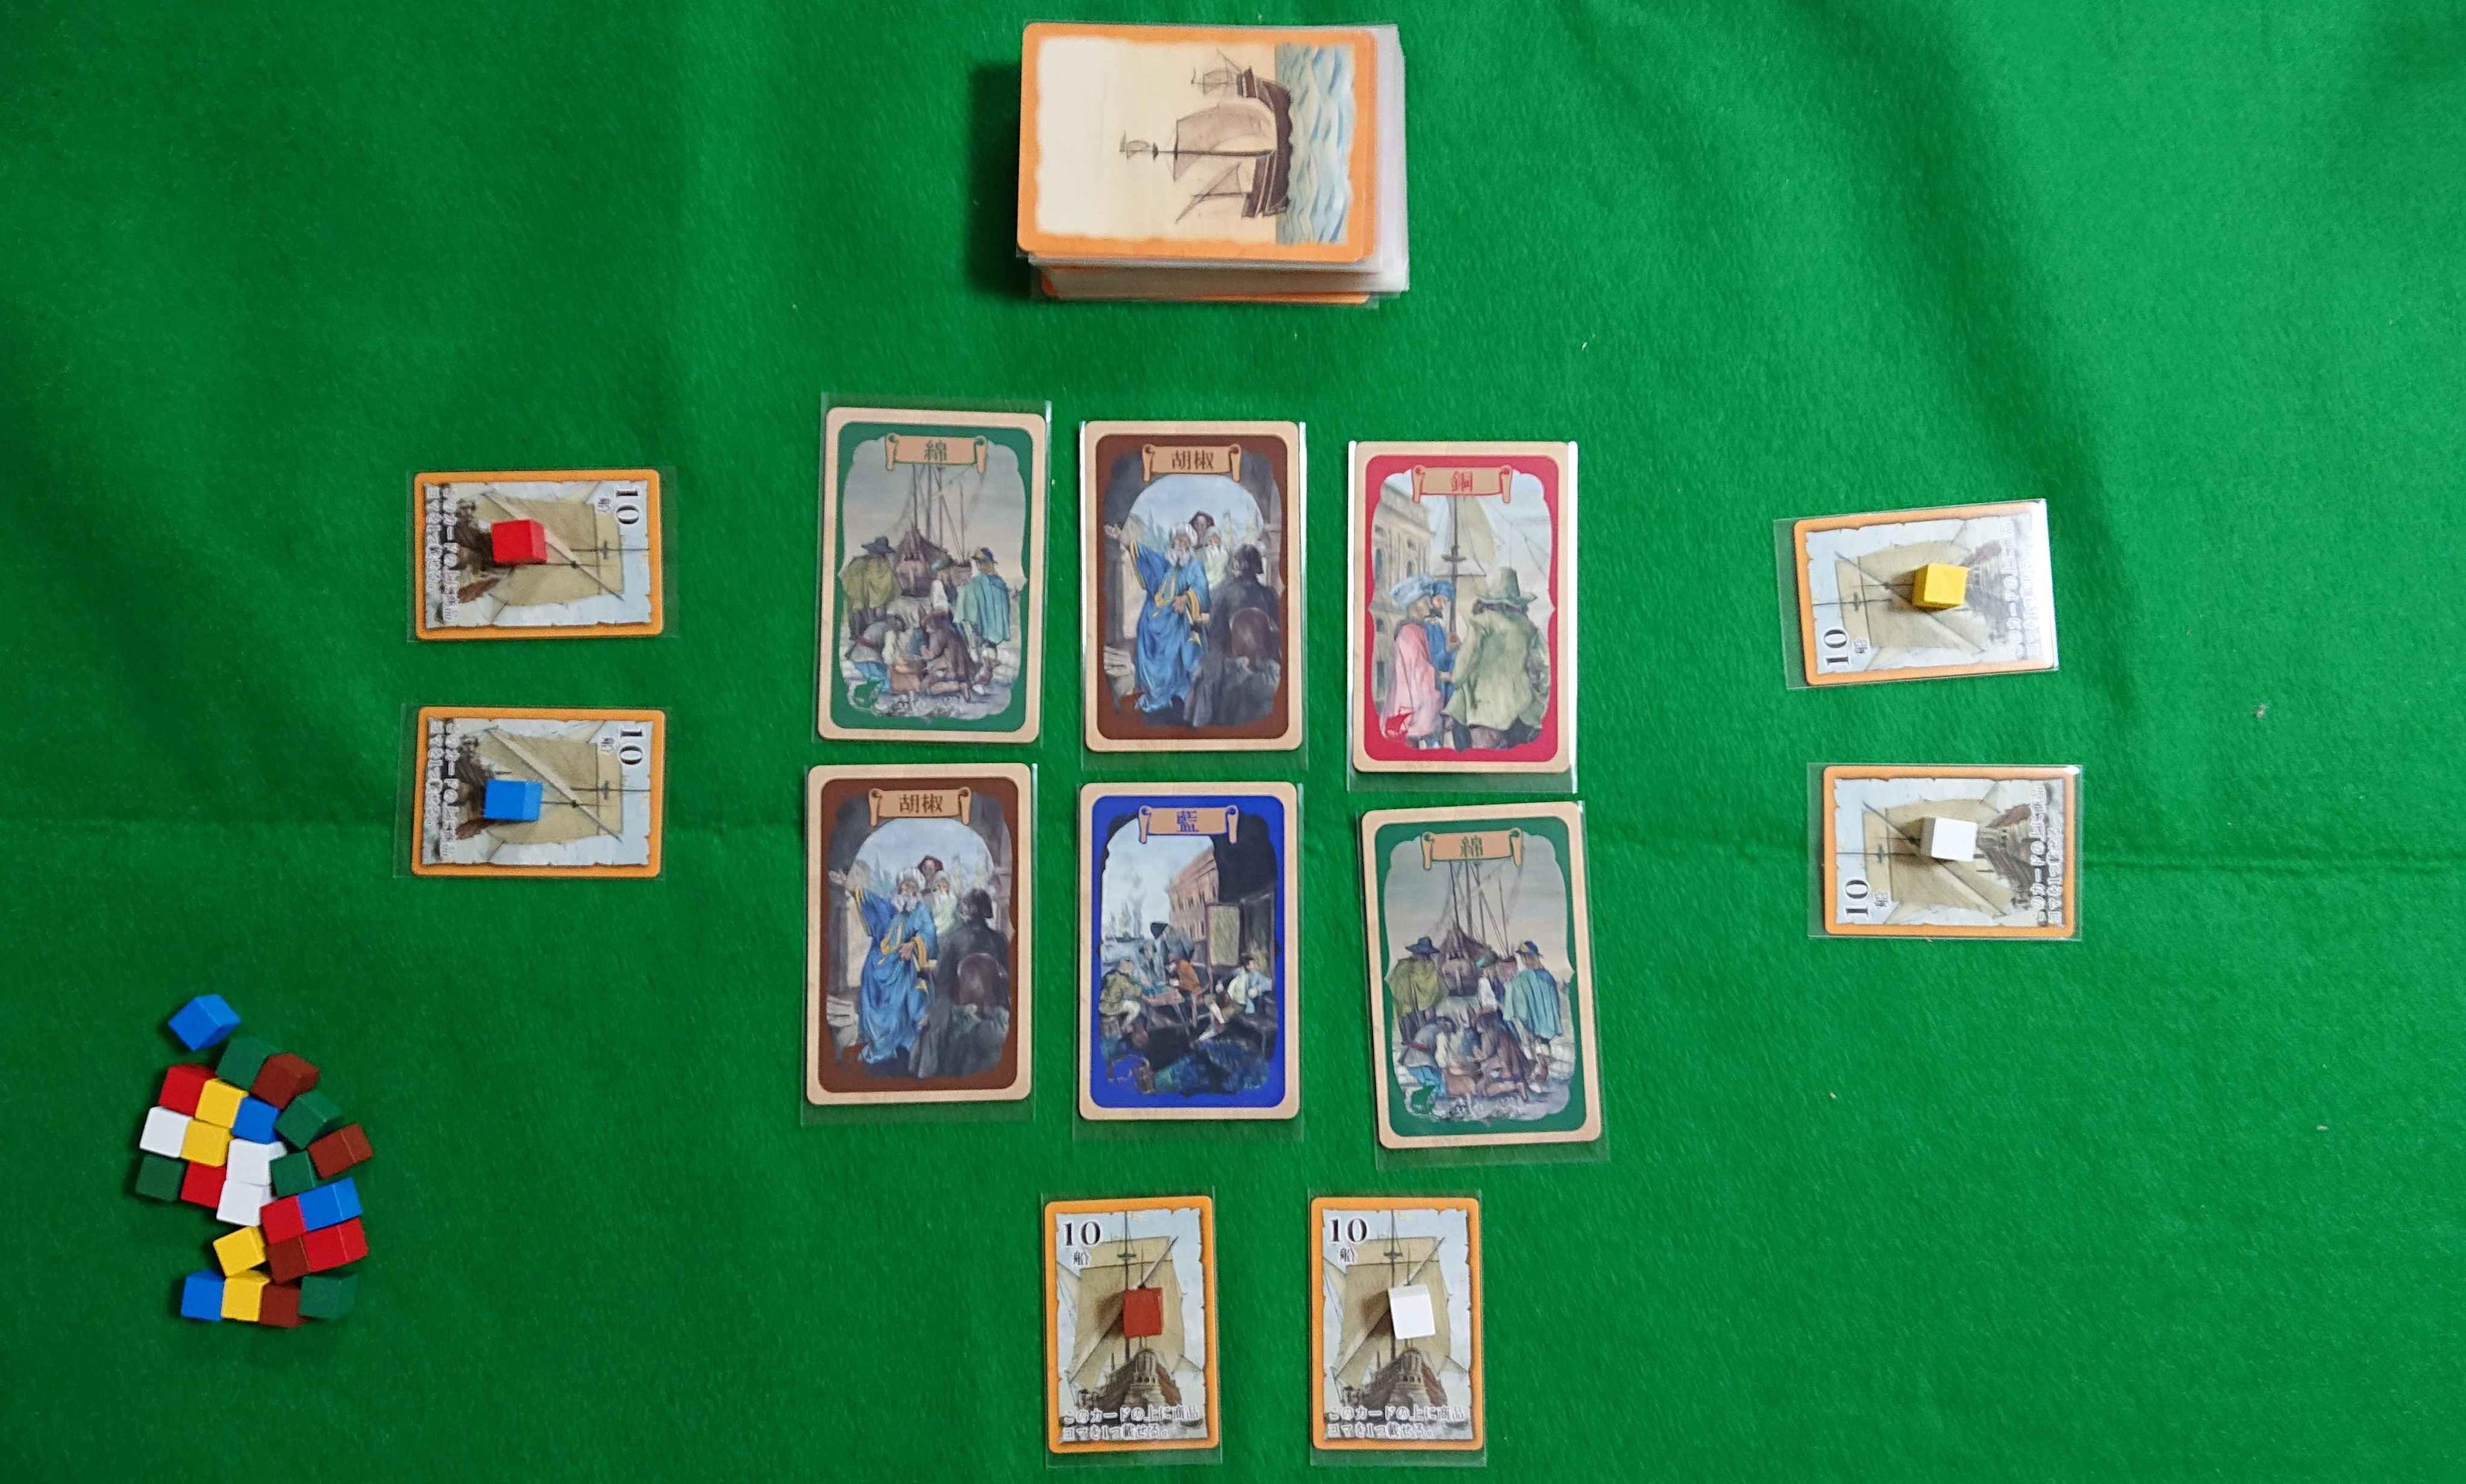 交易王 交易王にオレはなる! 傑作ボードゲーム ルール説明